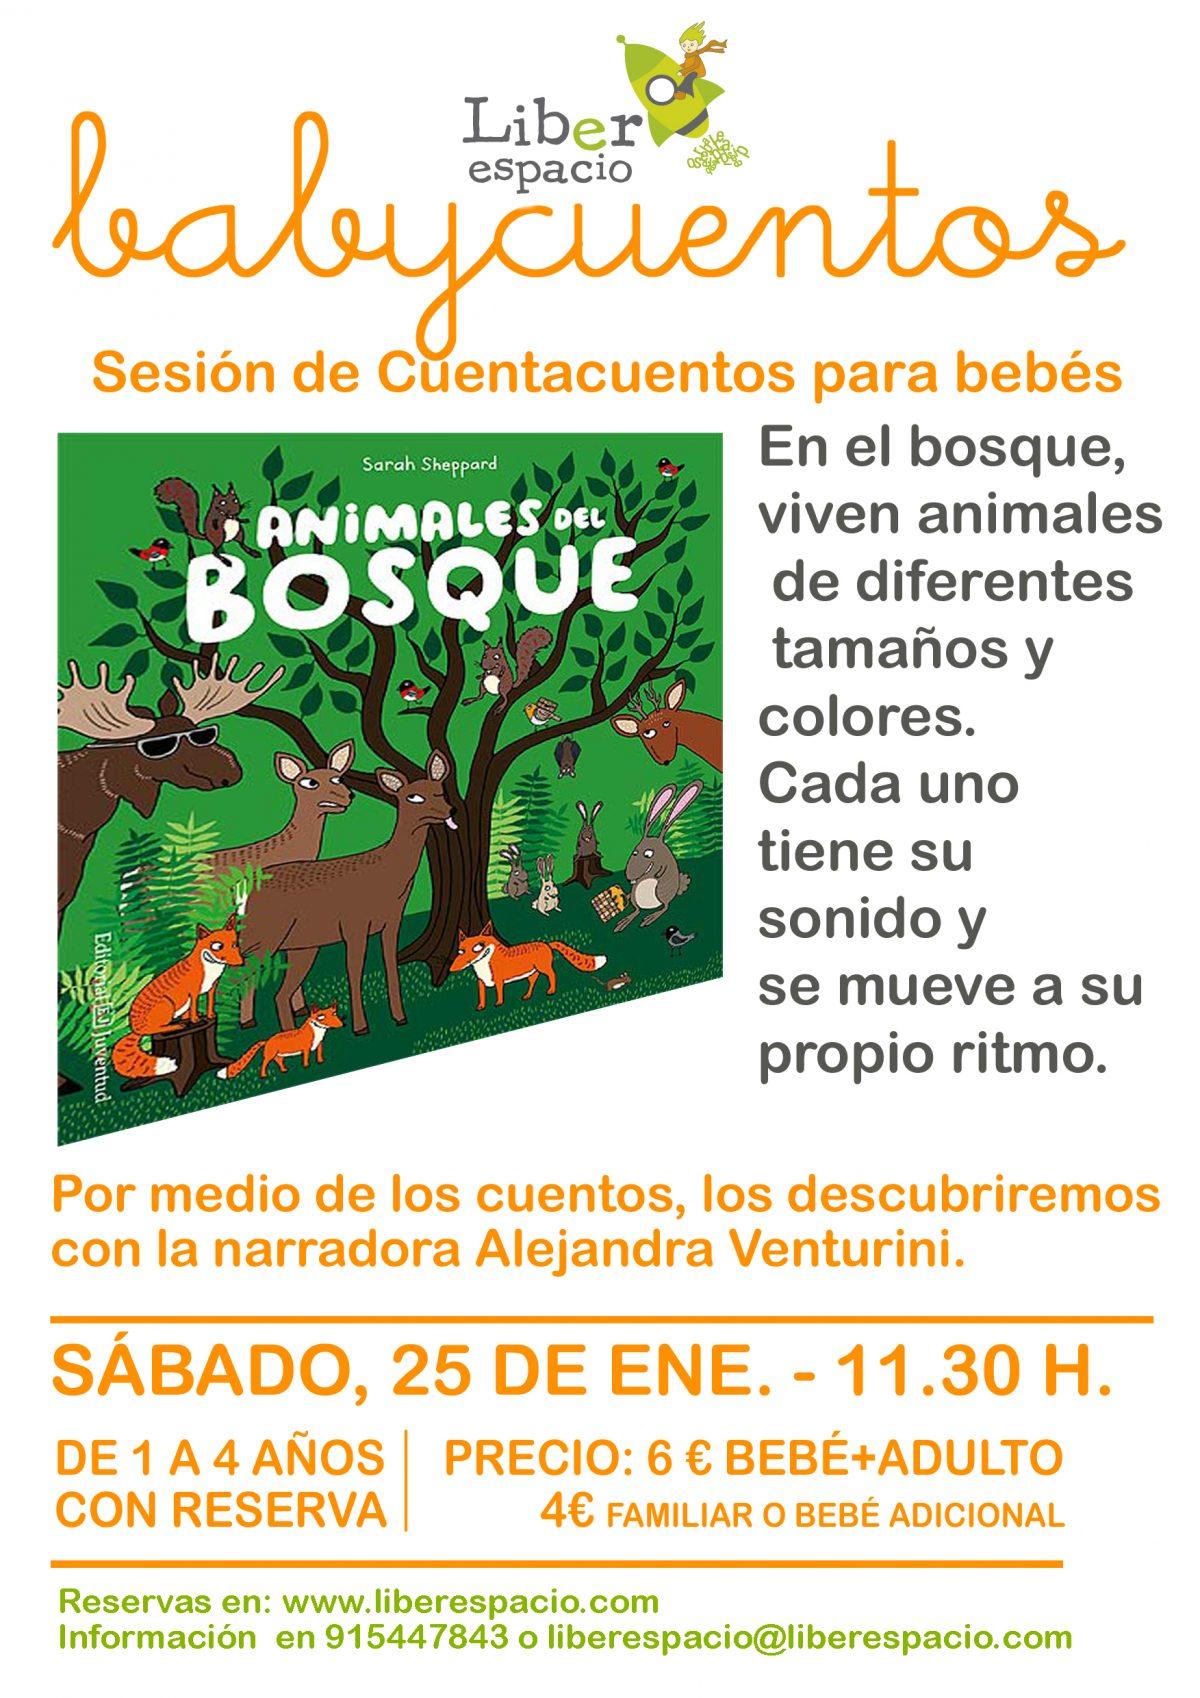 Babycuentos del bosque